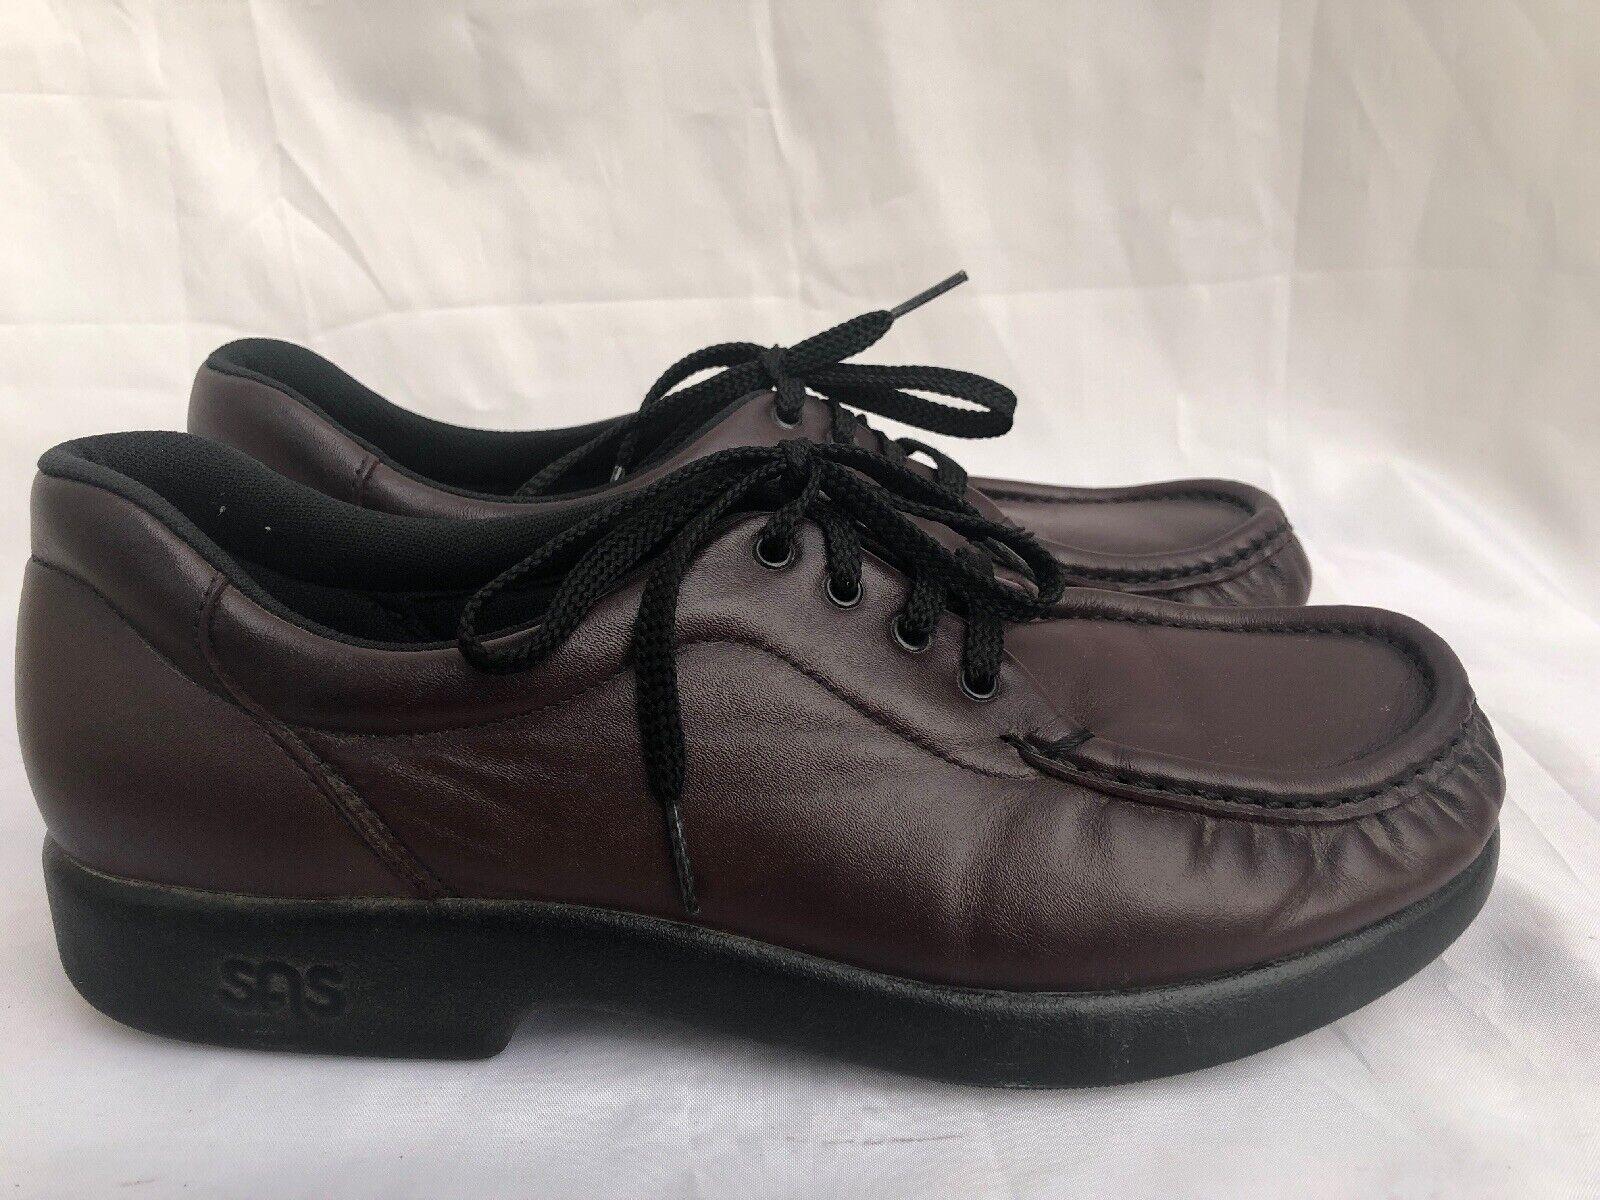 Sas Womans shoes Lace up Oxfords Dark Plum Leather Tripad Comfort  Size 9.5